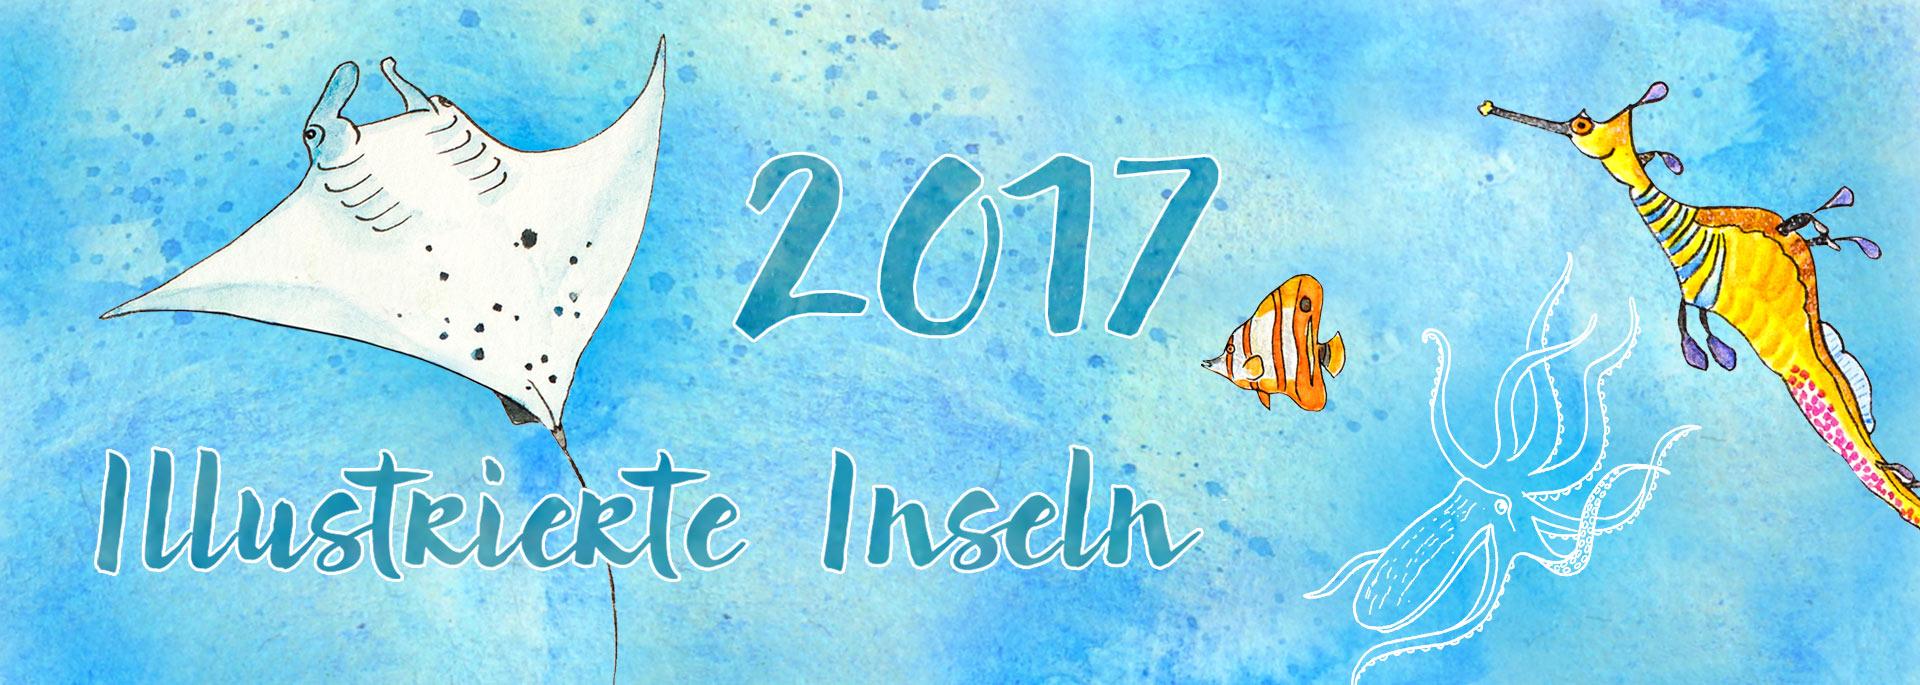 Kalendertipp: Illustrierte Inselkarten 2017 – jetzt vorbestellen!